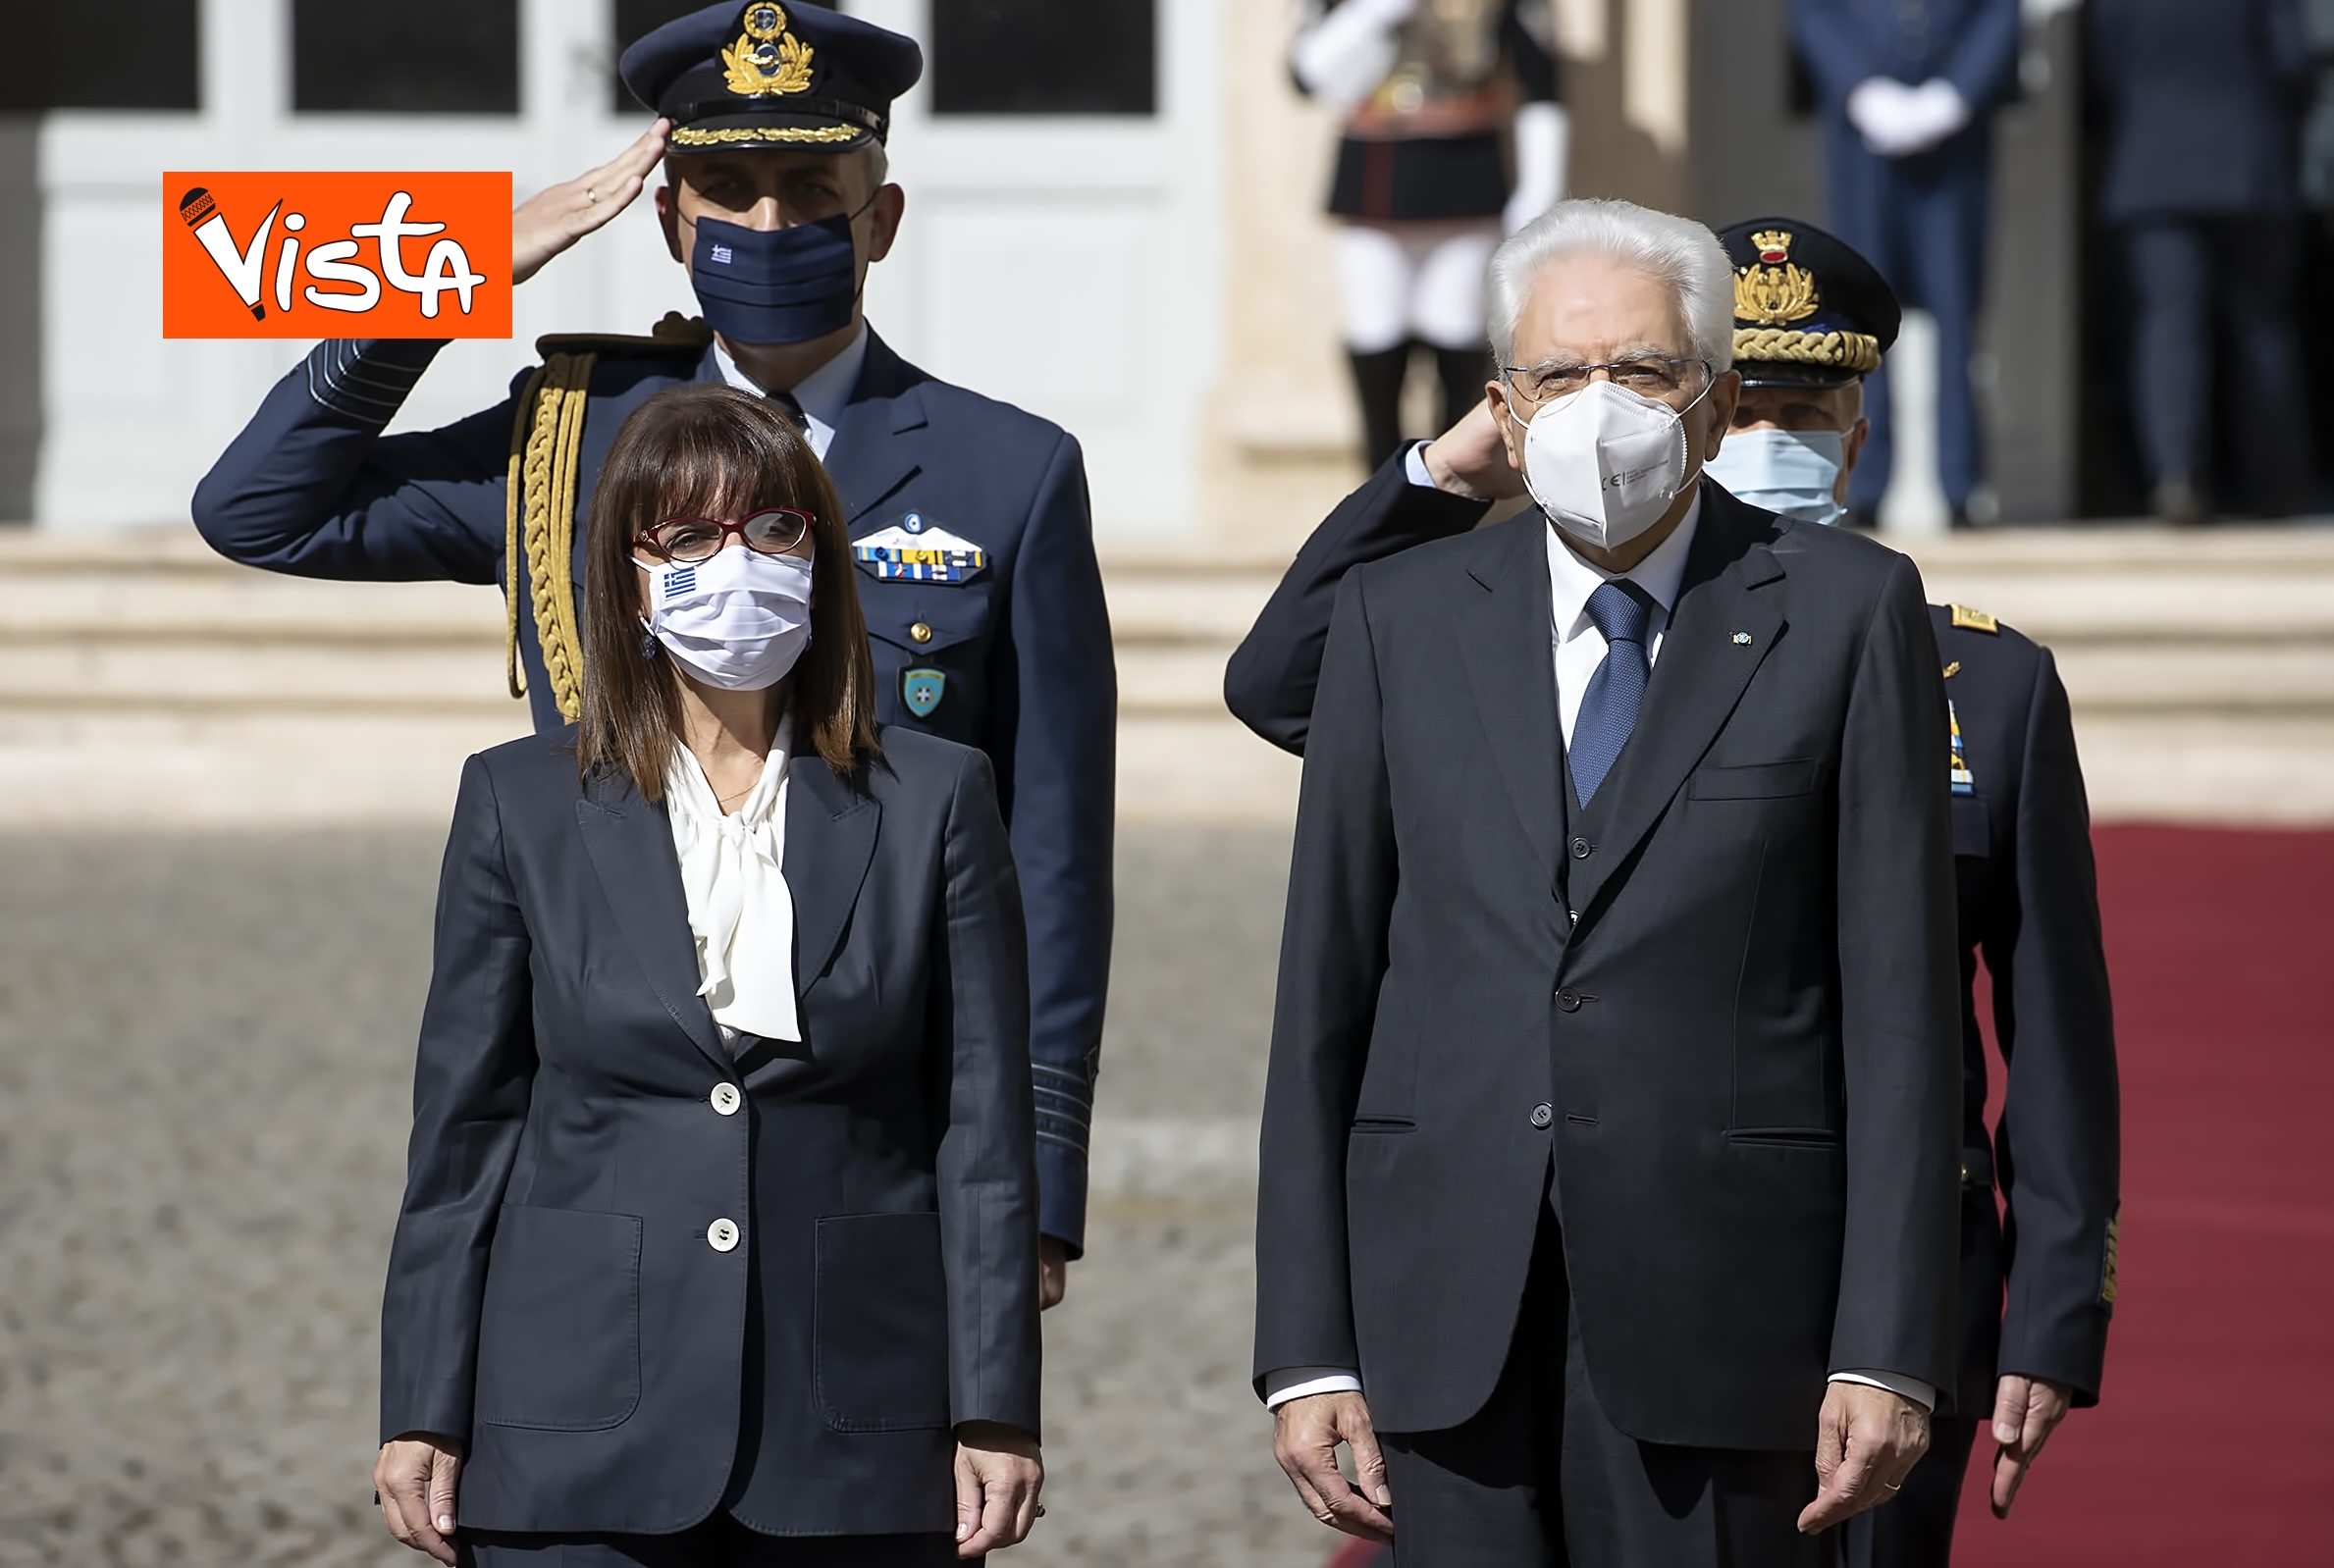 09-10-20 Mattarella riceve la Presidente della Repubblica Ellenica Sakellaropoulou, le immagini_03